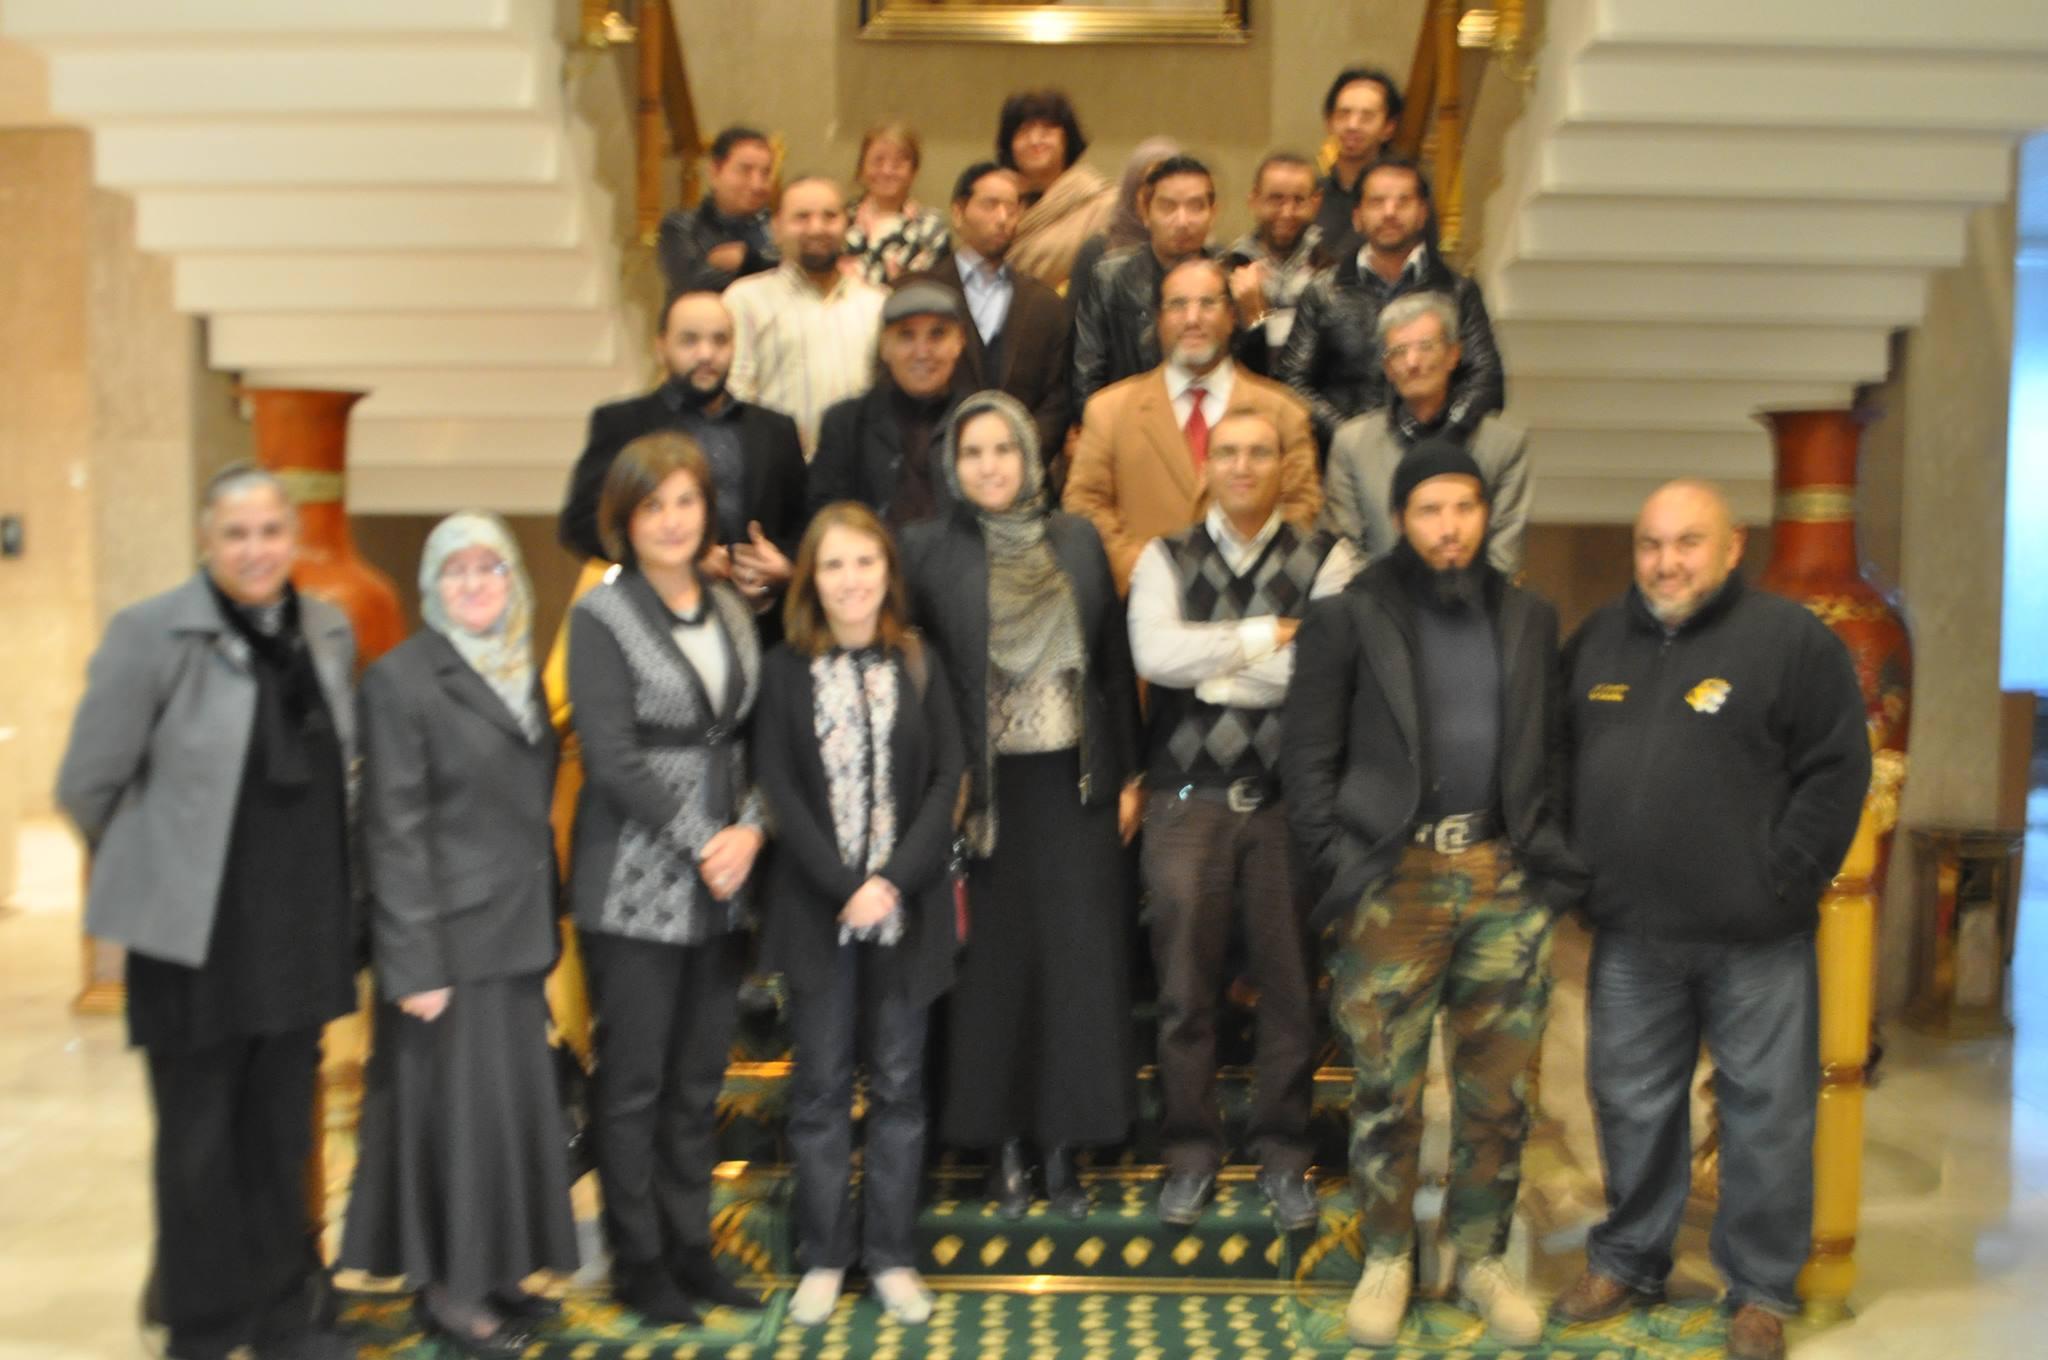 حوار تشاوري حول قضاياالأمن و الحوار الوطني ، و خارطة الطريق الجديدة